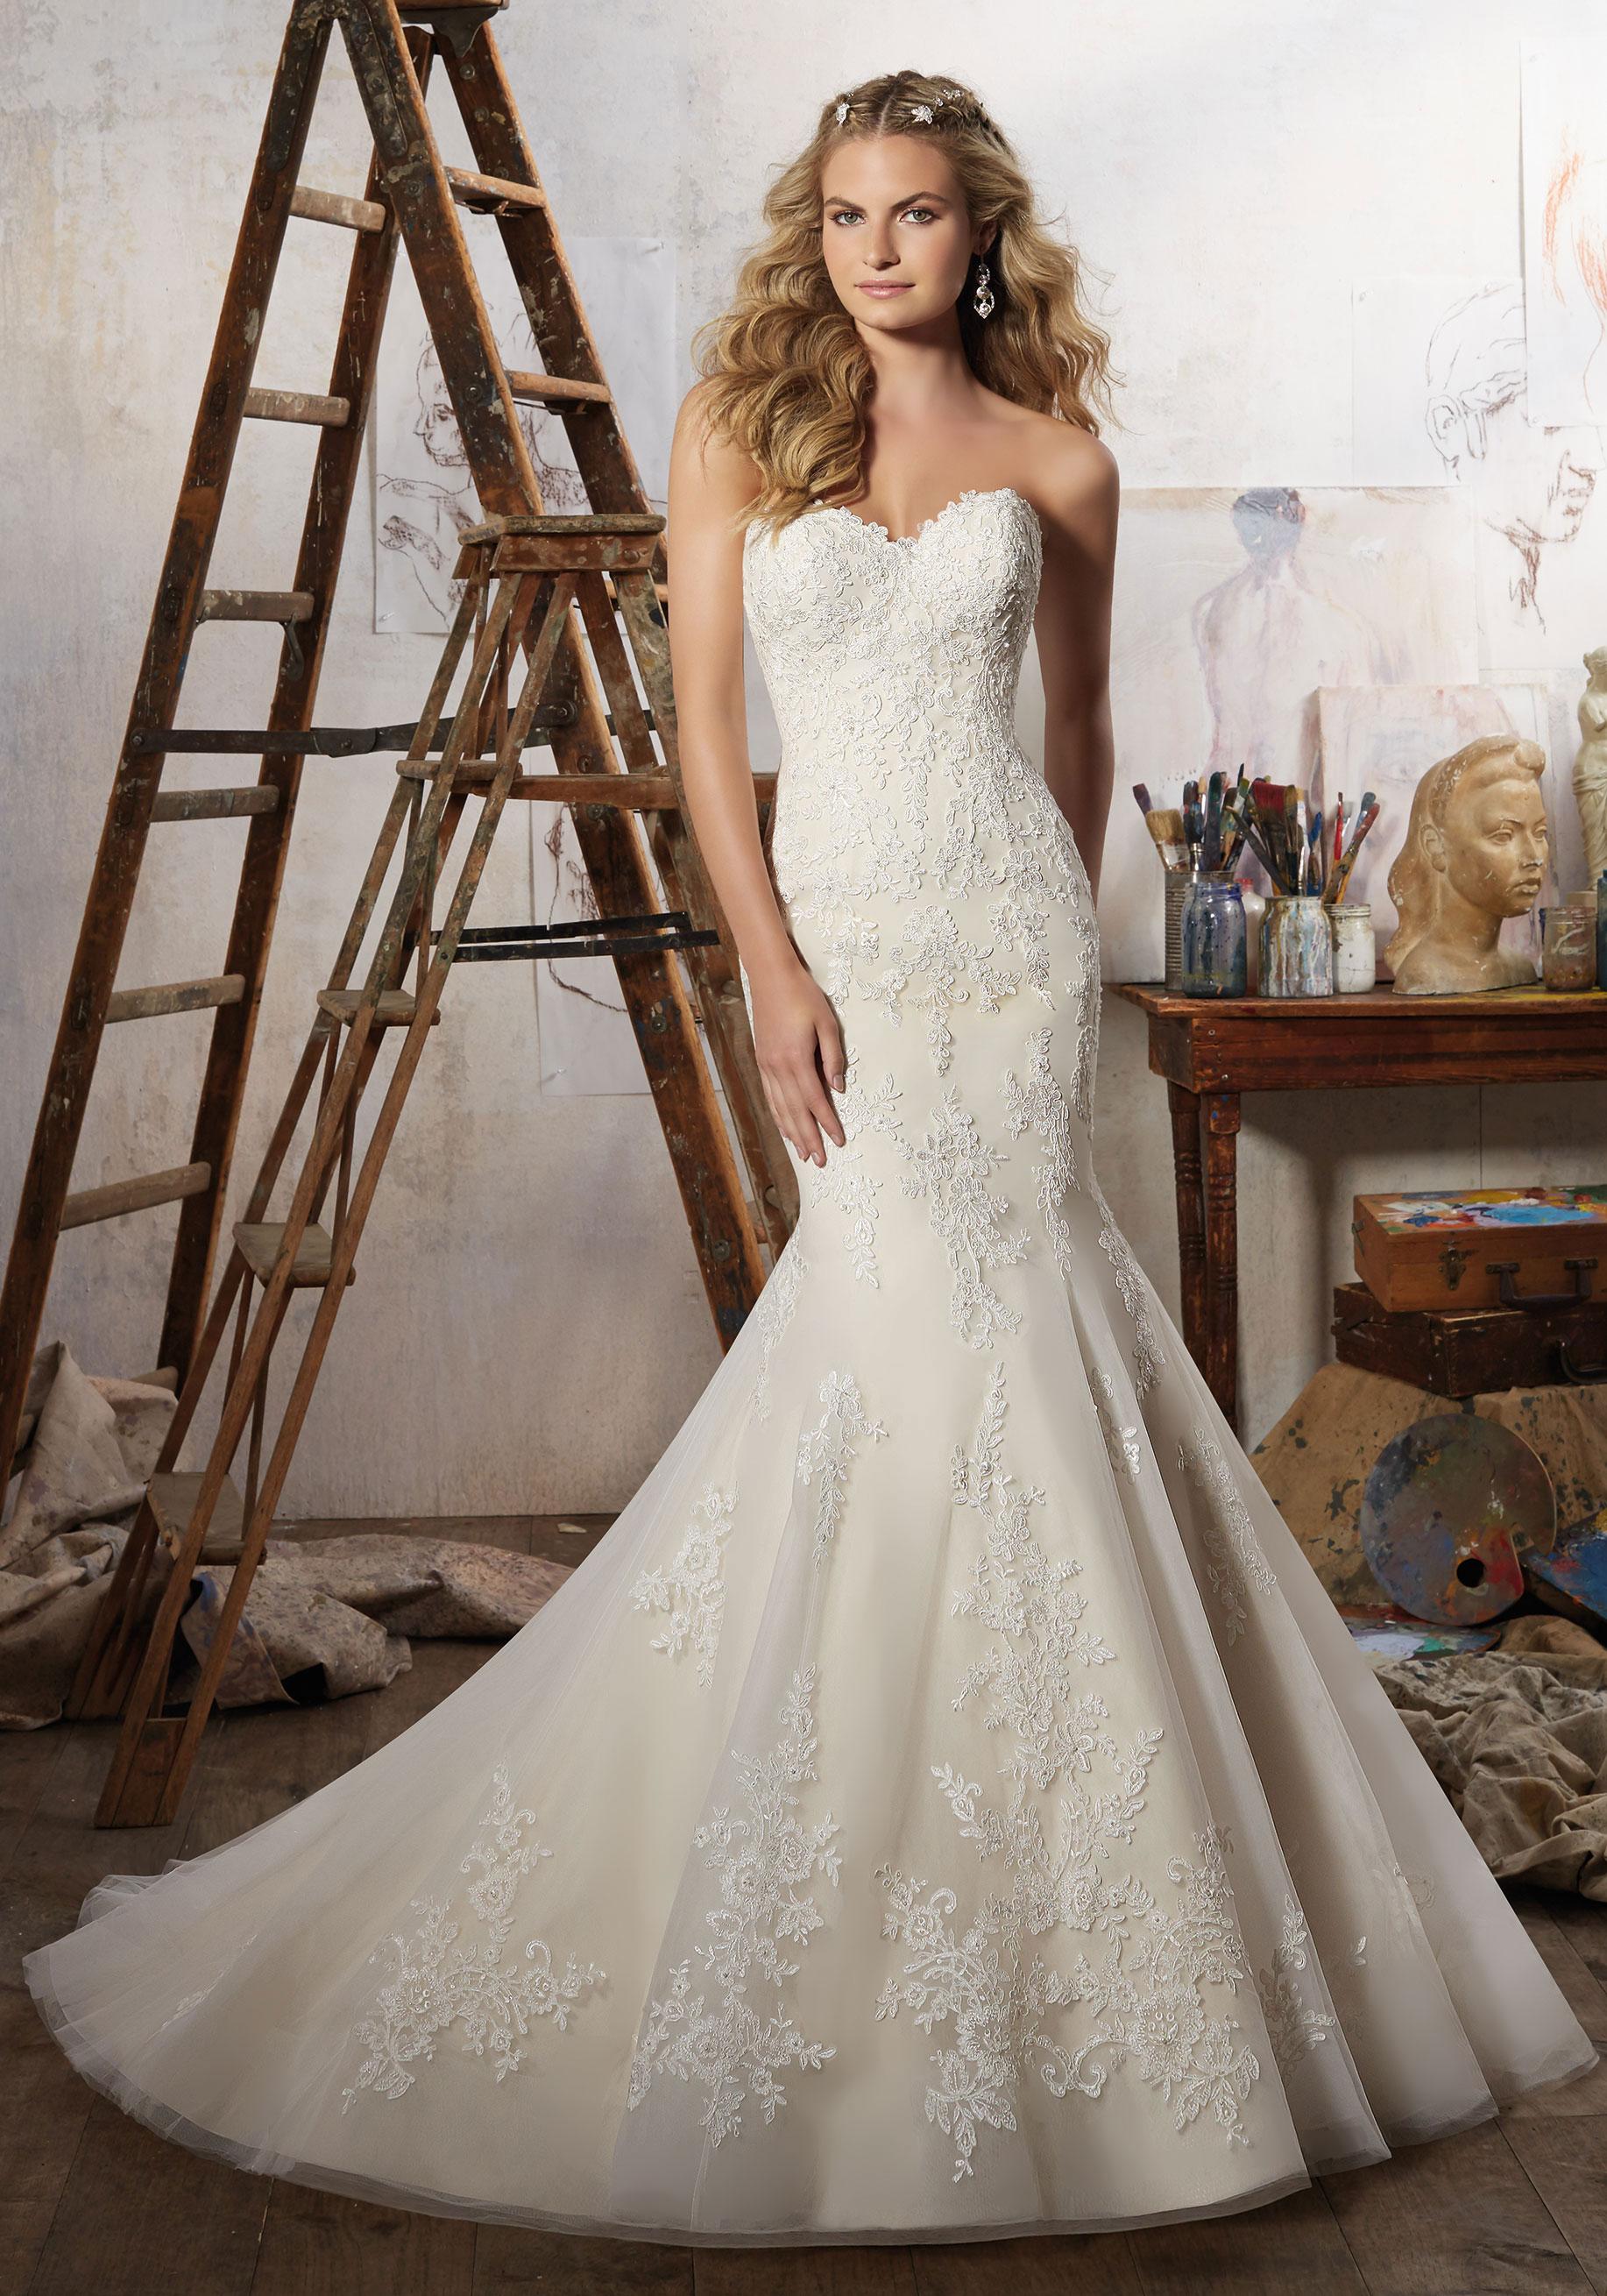 Mori Lee Bridal Gowns | Bliss Bridal | Kelowna BC